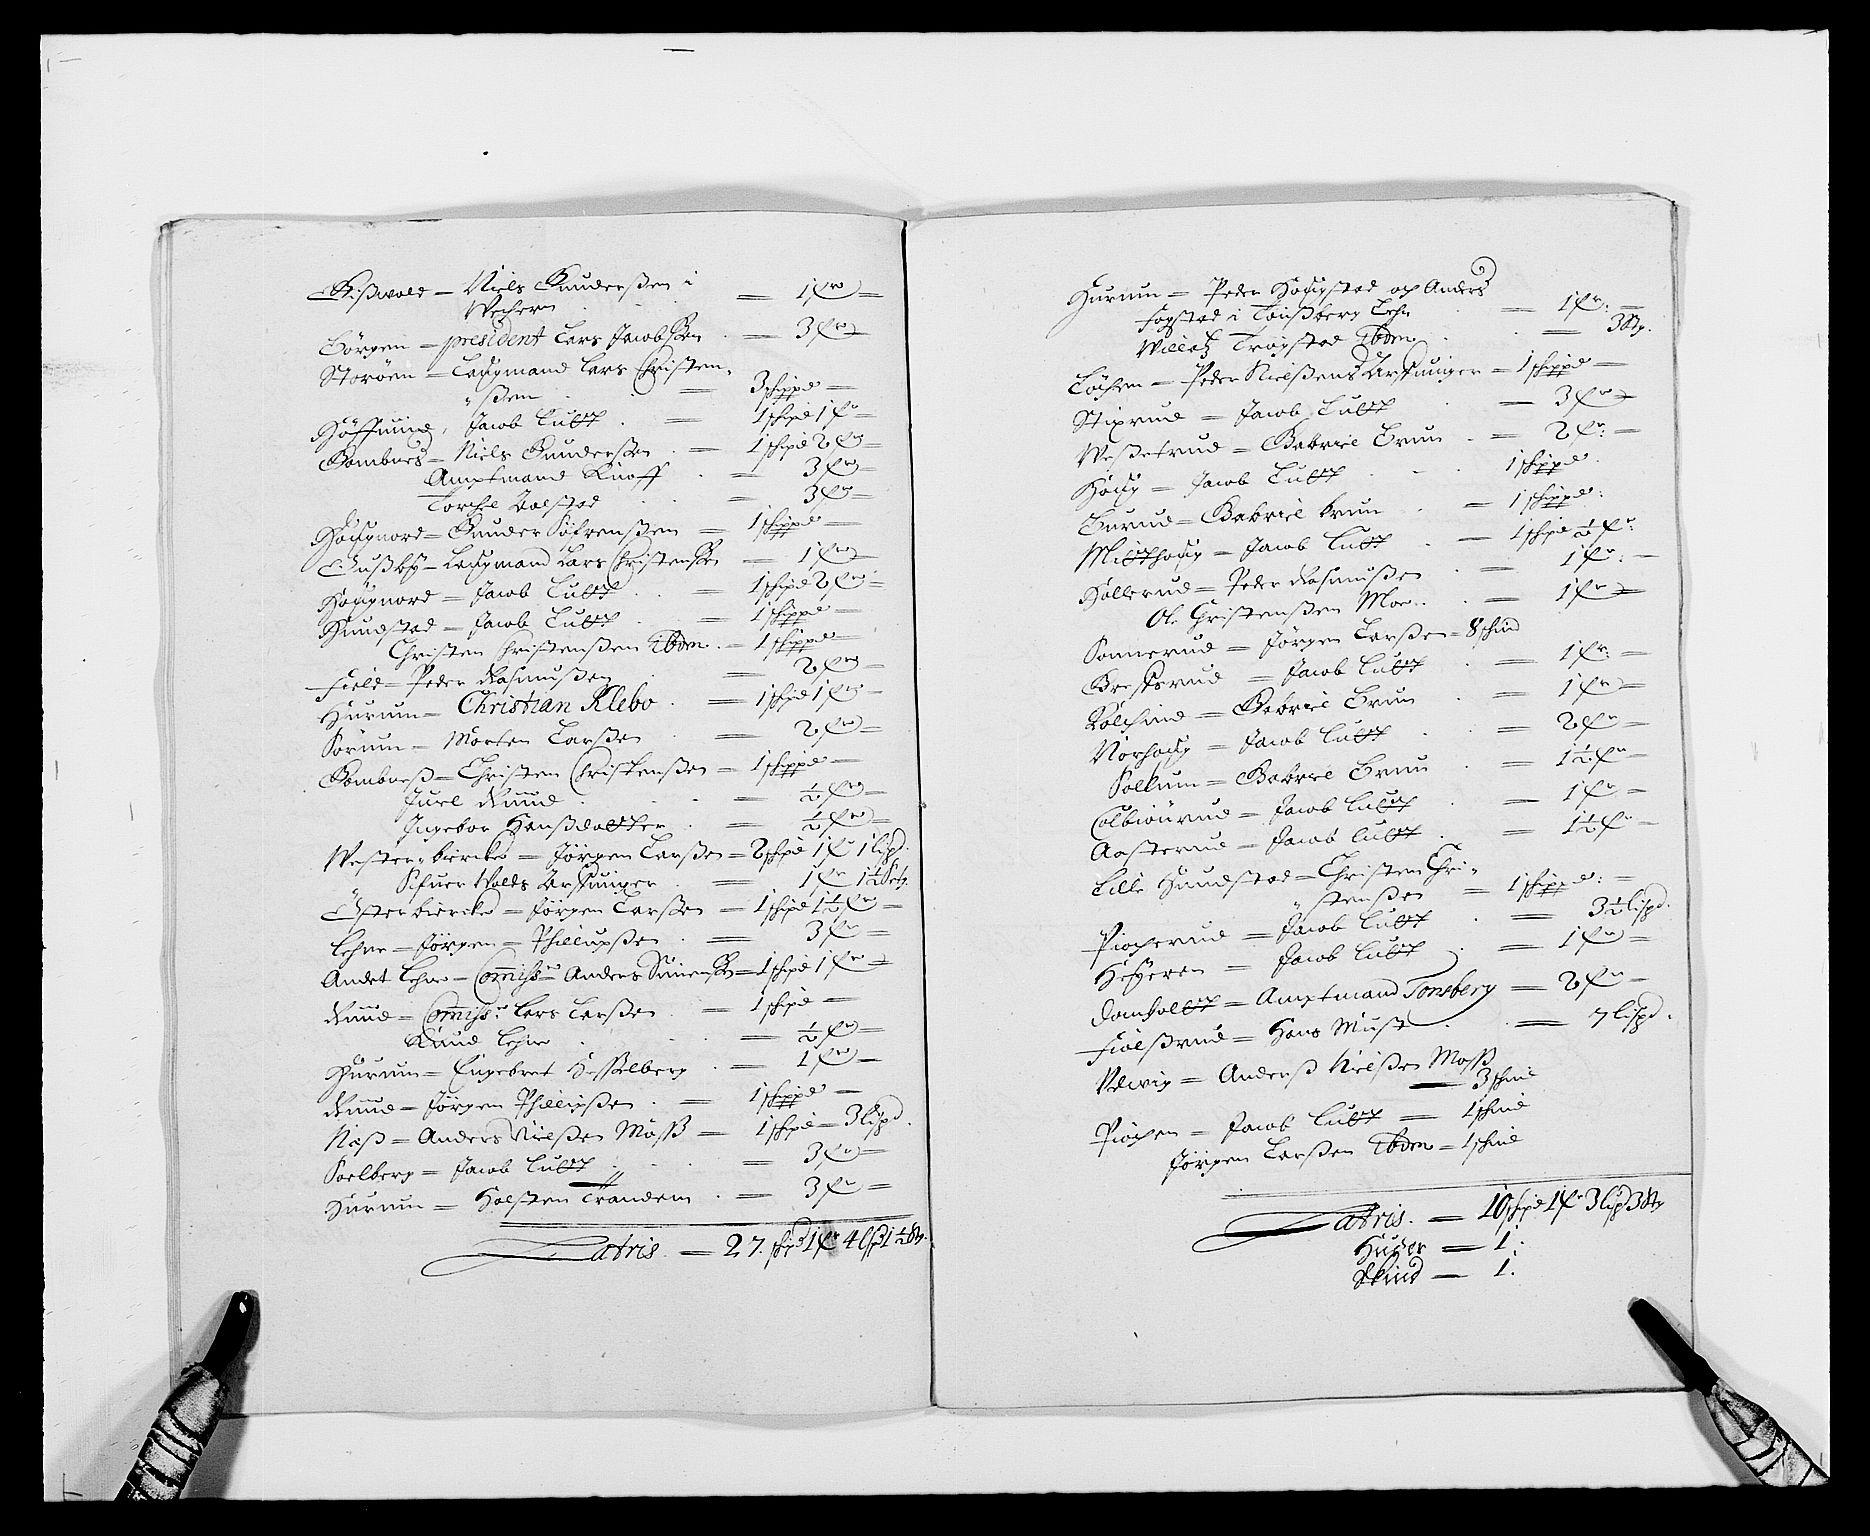 RA, Rentekammeret inntil 1814, Reviderte regnskaper, Fogderegnskap, R21/L1446: Fogderegnskap Ringerike og Hallingdal, 1683-1686, s. 342